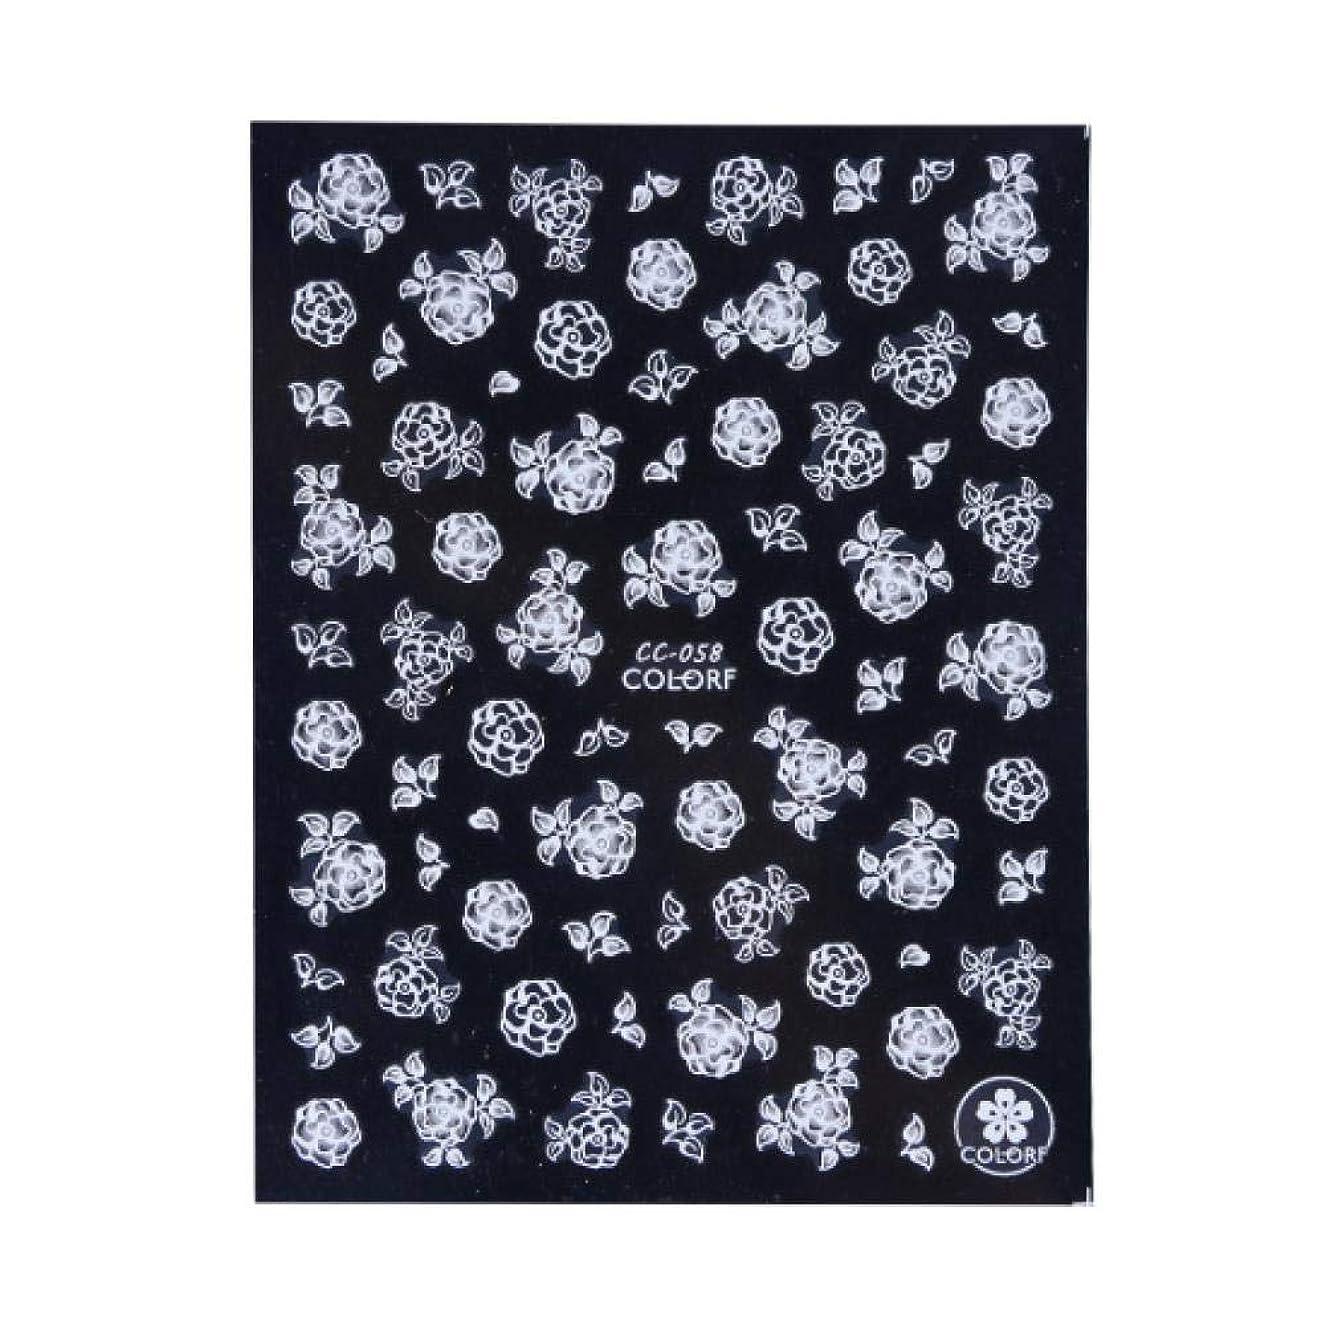 栄養穴こねるSUKTI&XIAO ネイルステッカー 白い花のネイルアートのステッカーのステッカーの蝶葉はスライダー3Dの自己接着釘の装飾、Cc058を設計します